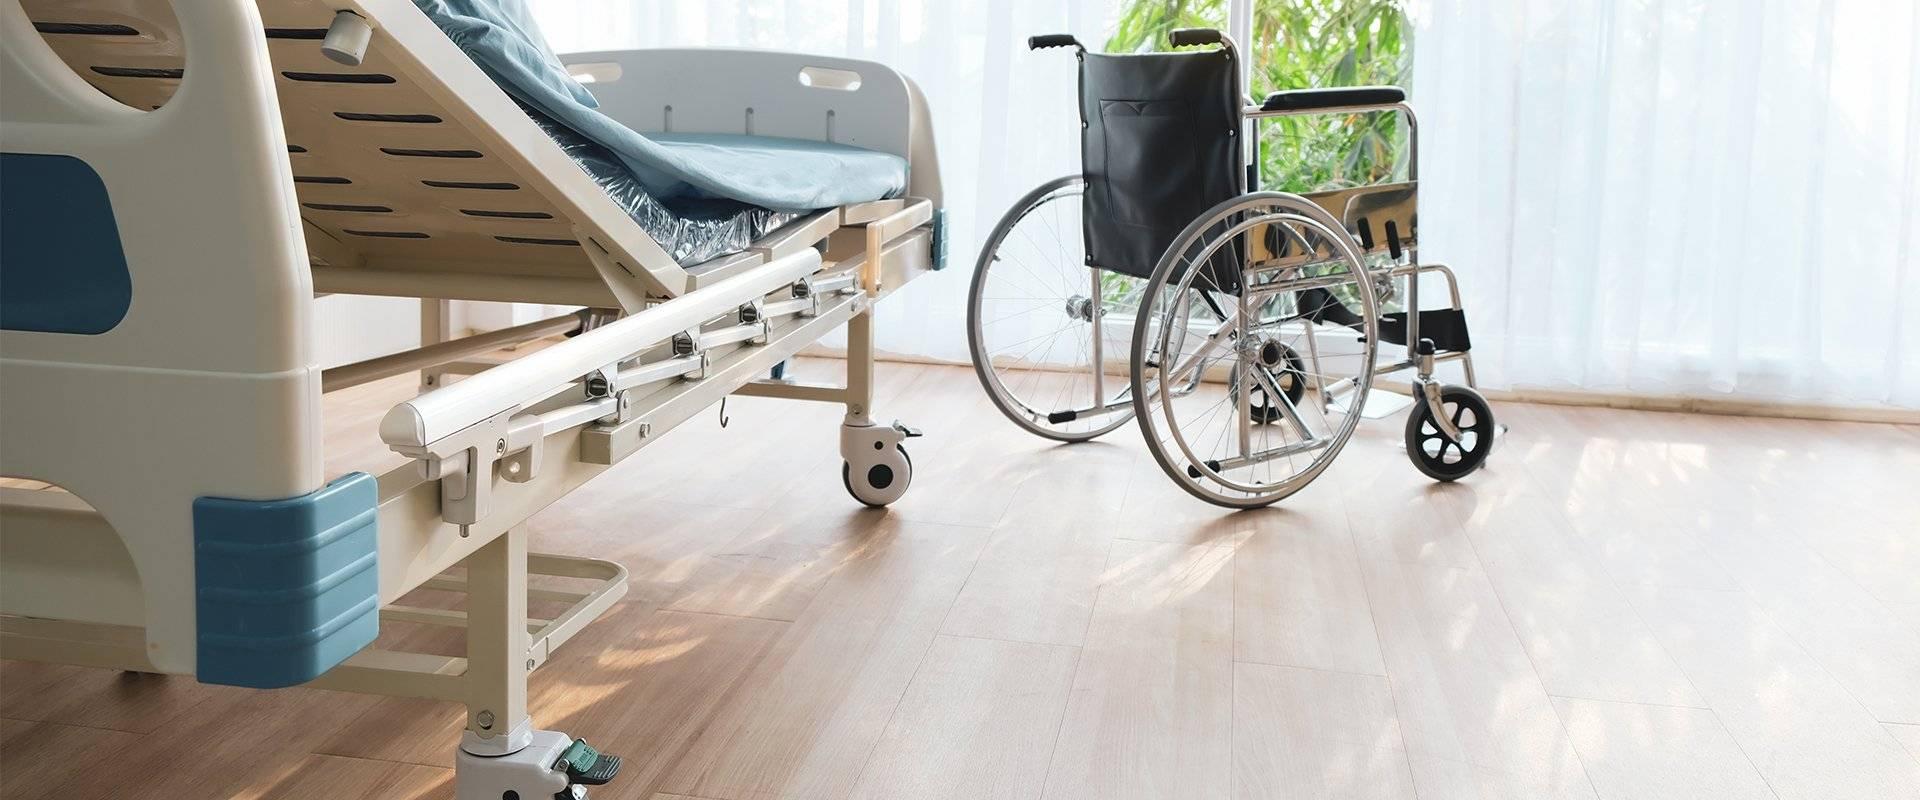 wheelchair in a nursing home